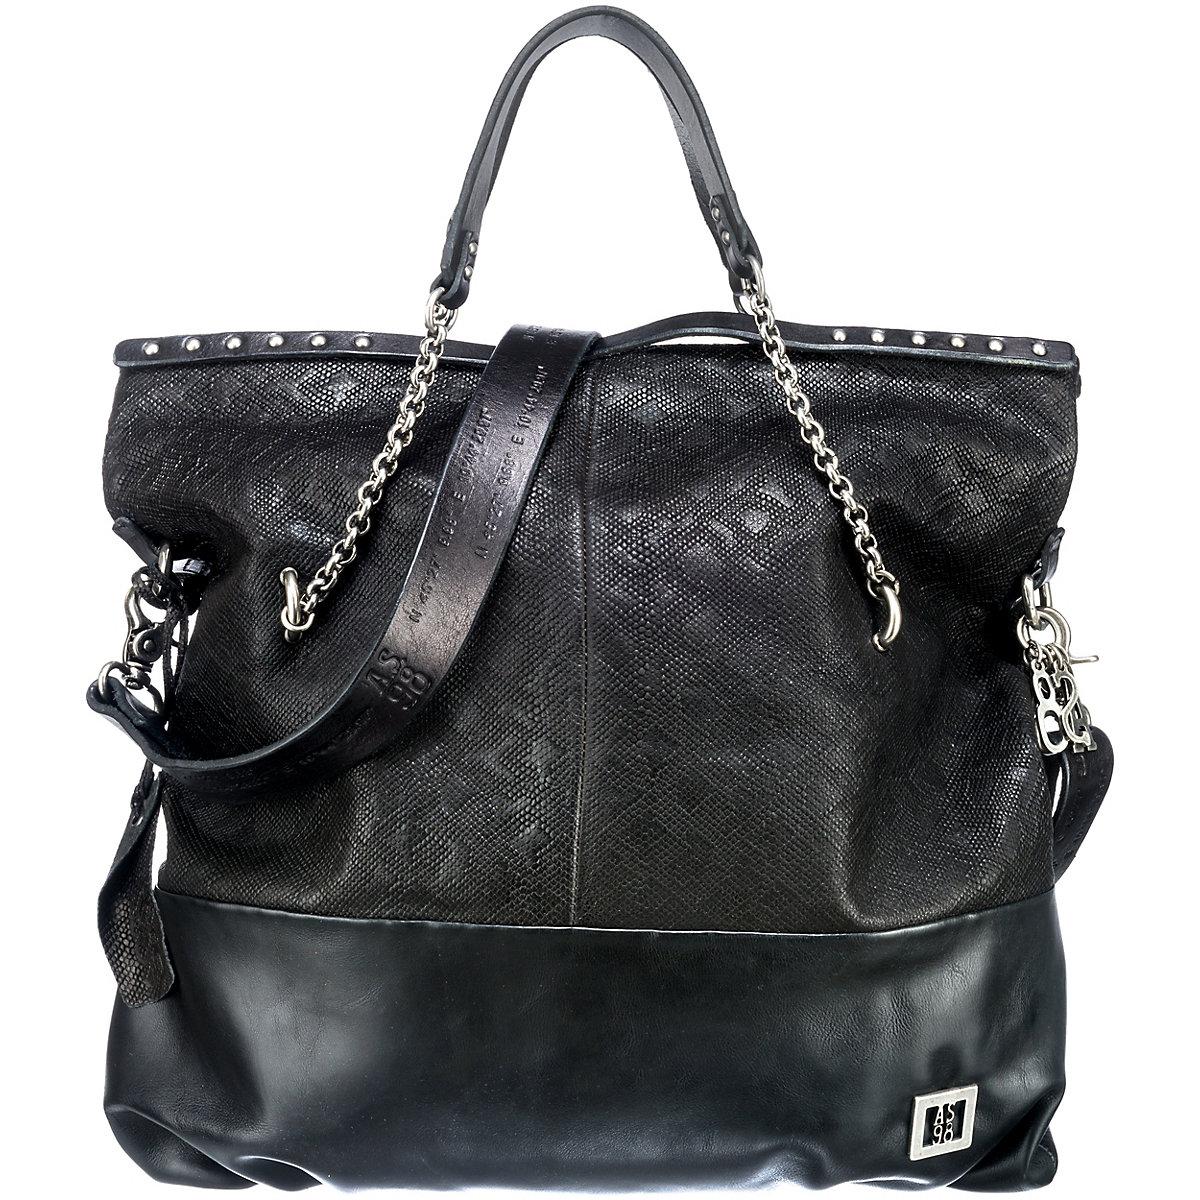 A.S.98, Handtasche, schwarz